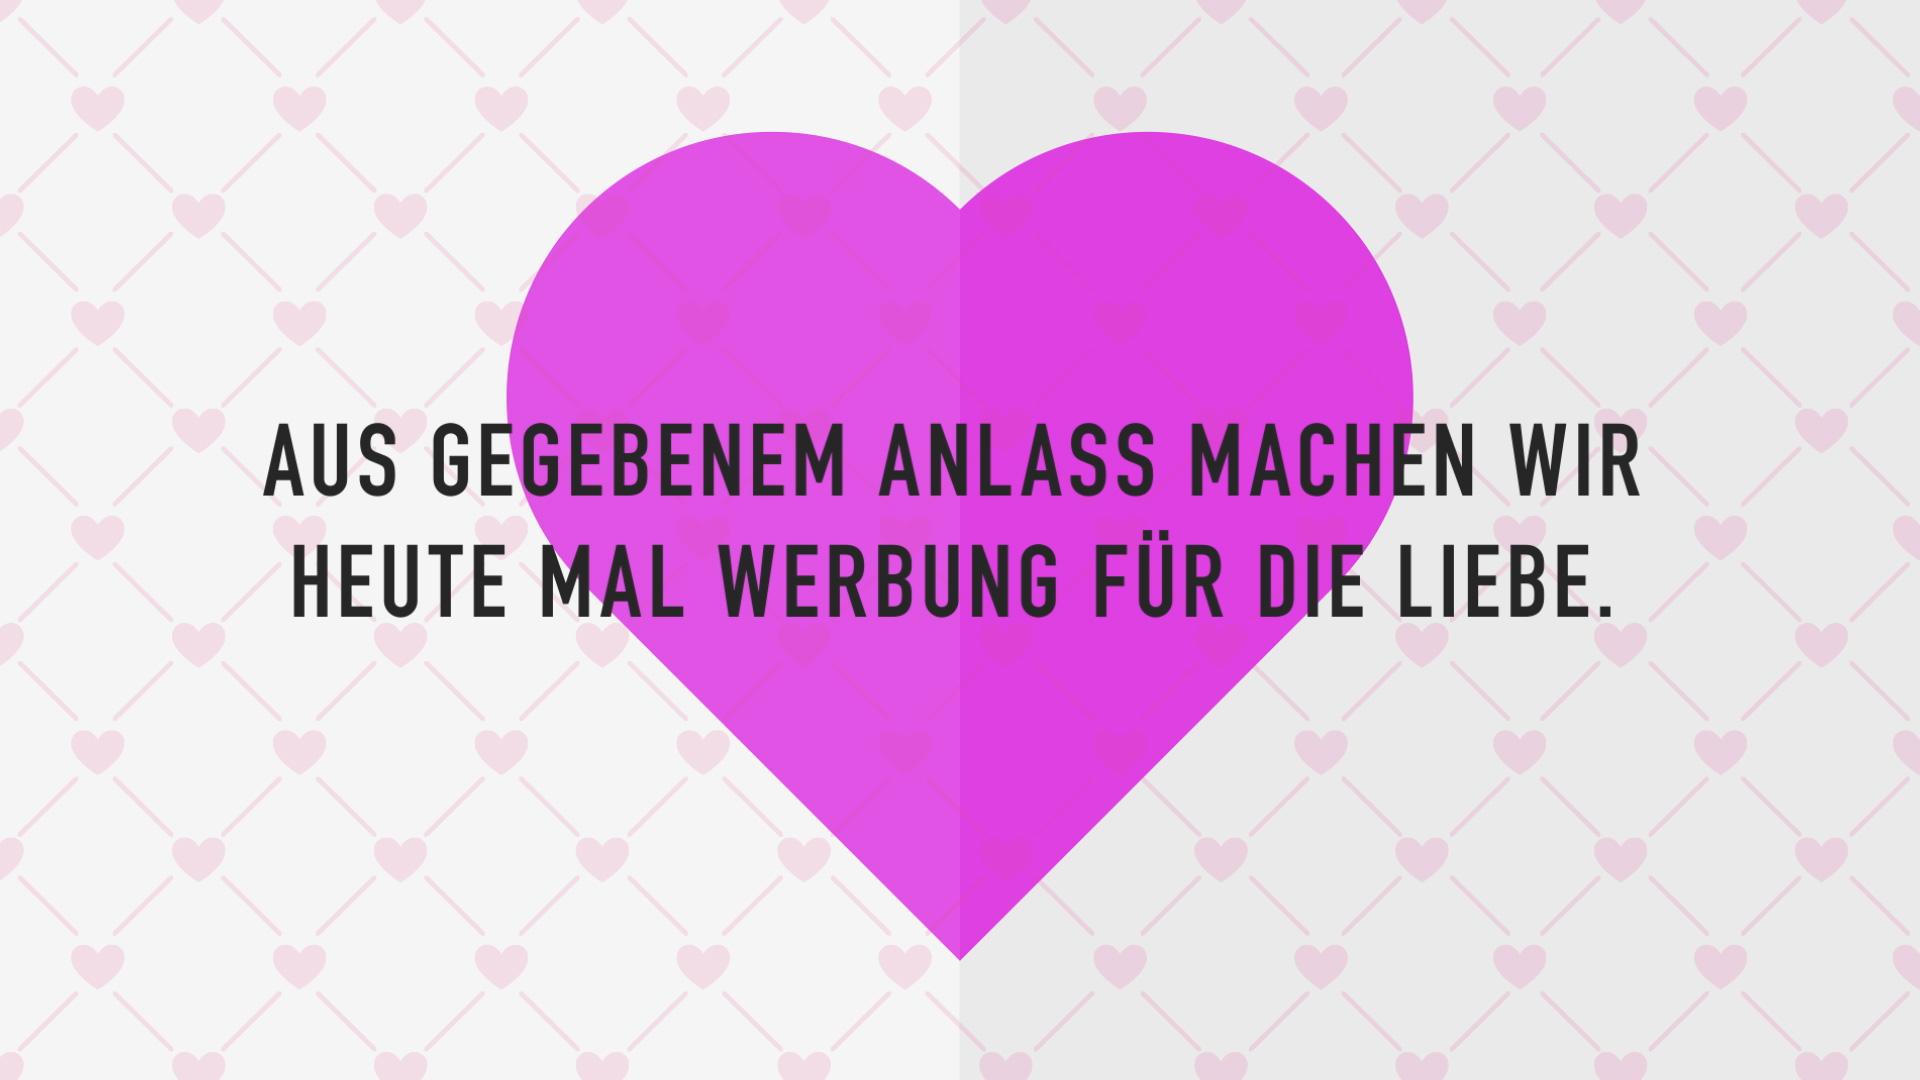 Createam Animation Valentinstag Dagegen Werbung für die Liebe